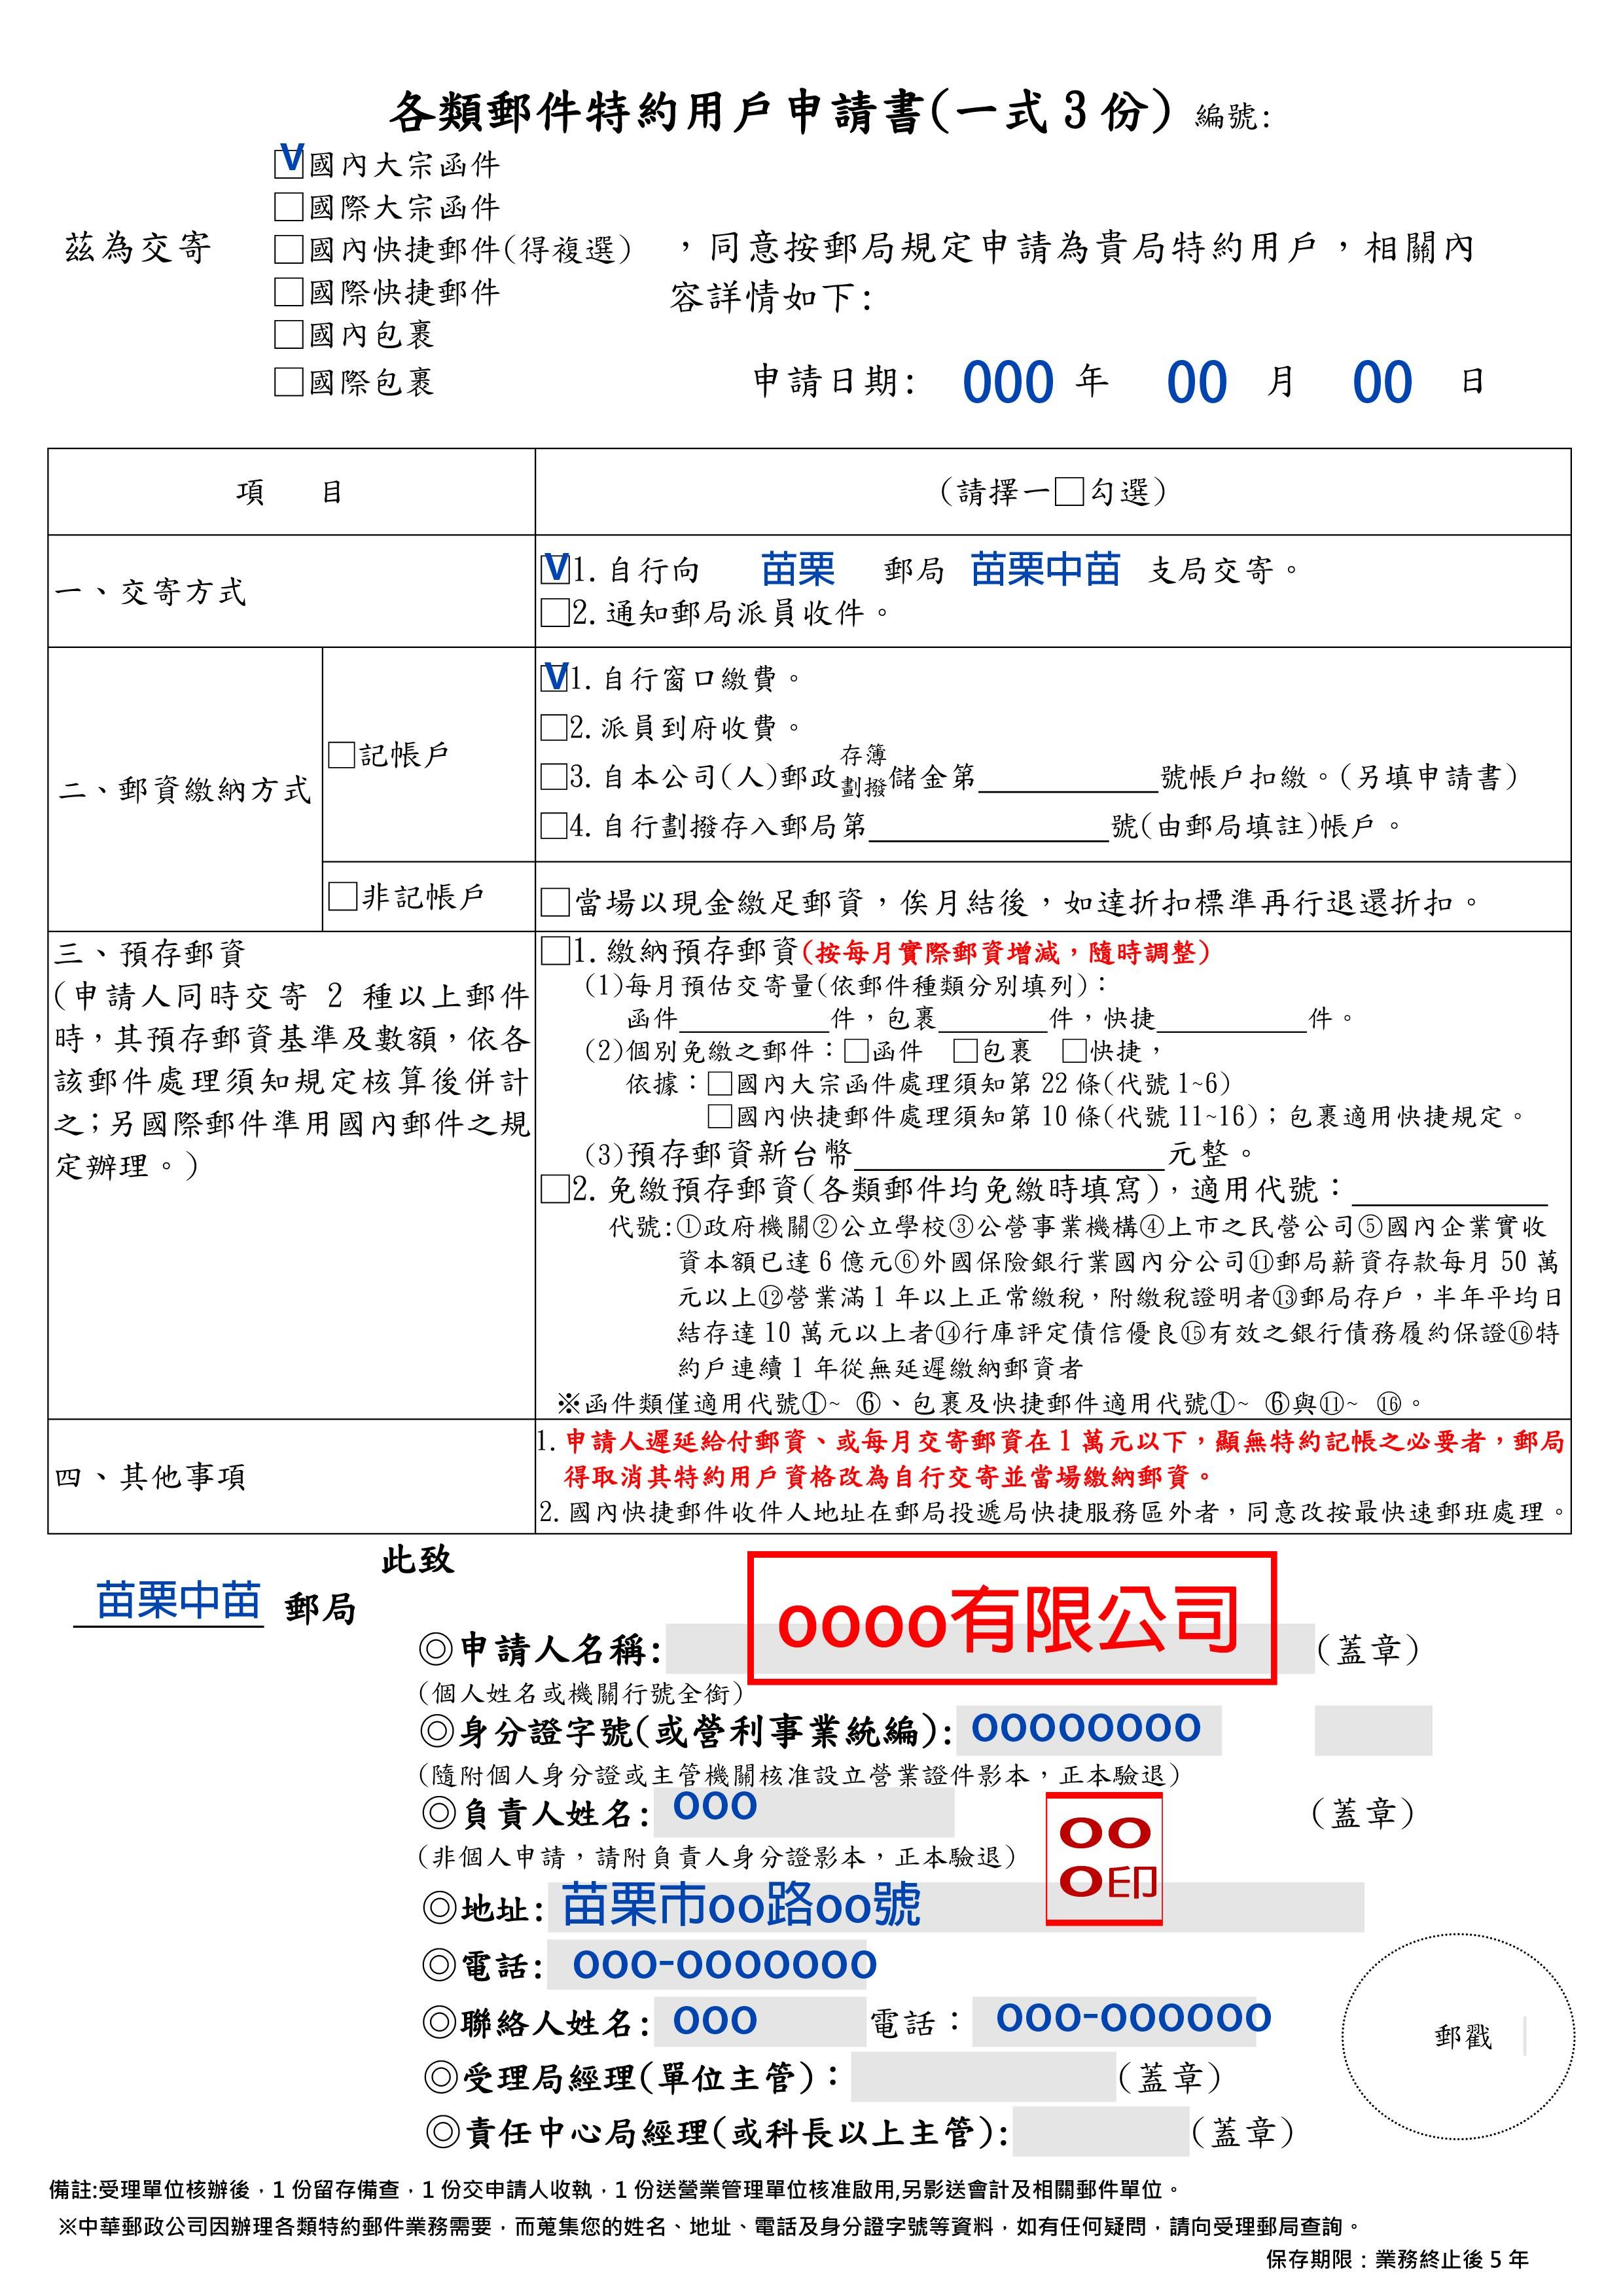 11.特約用戶申請書寫範例